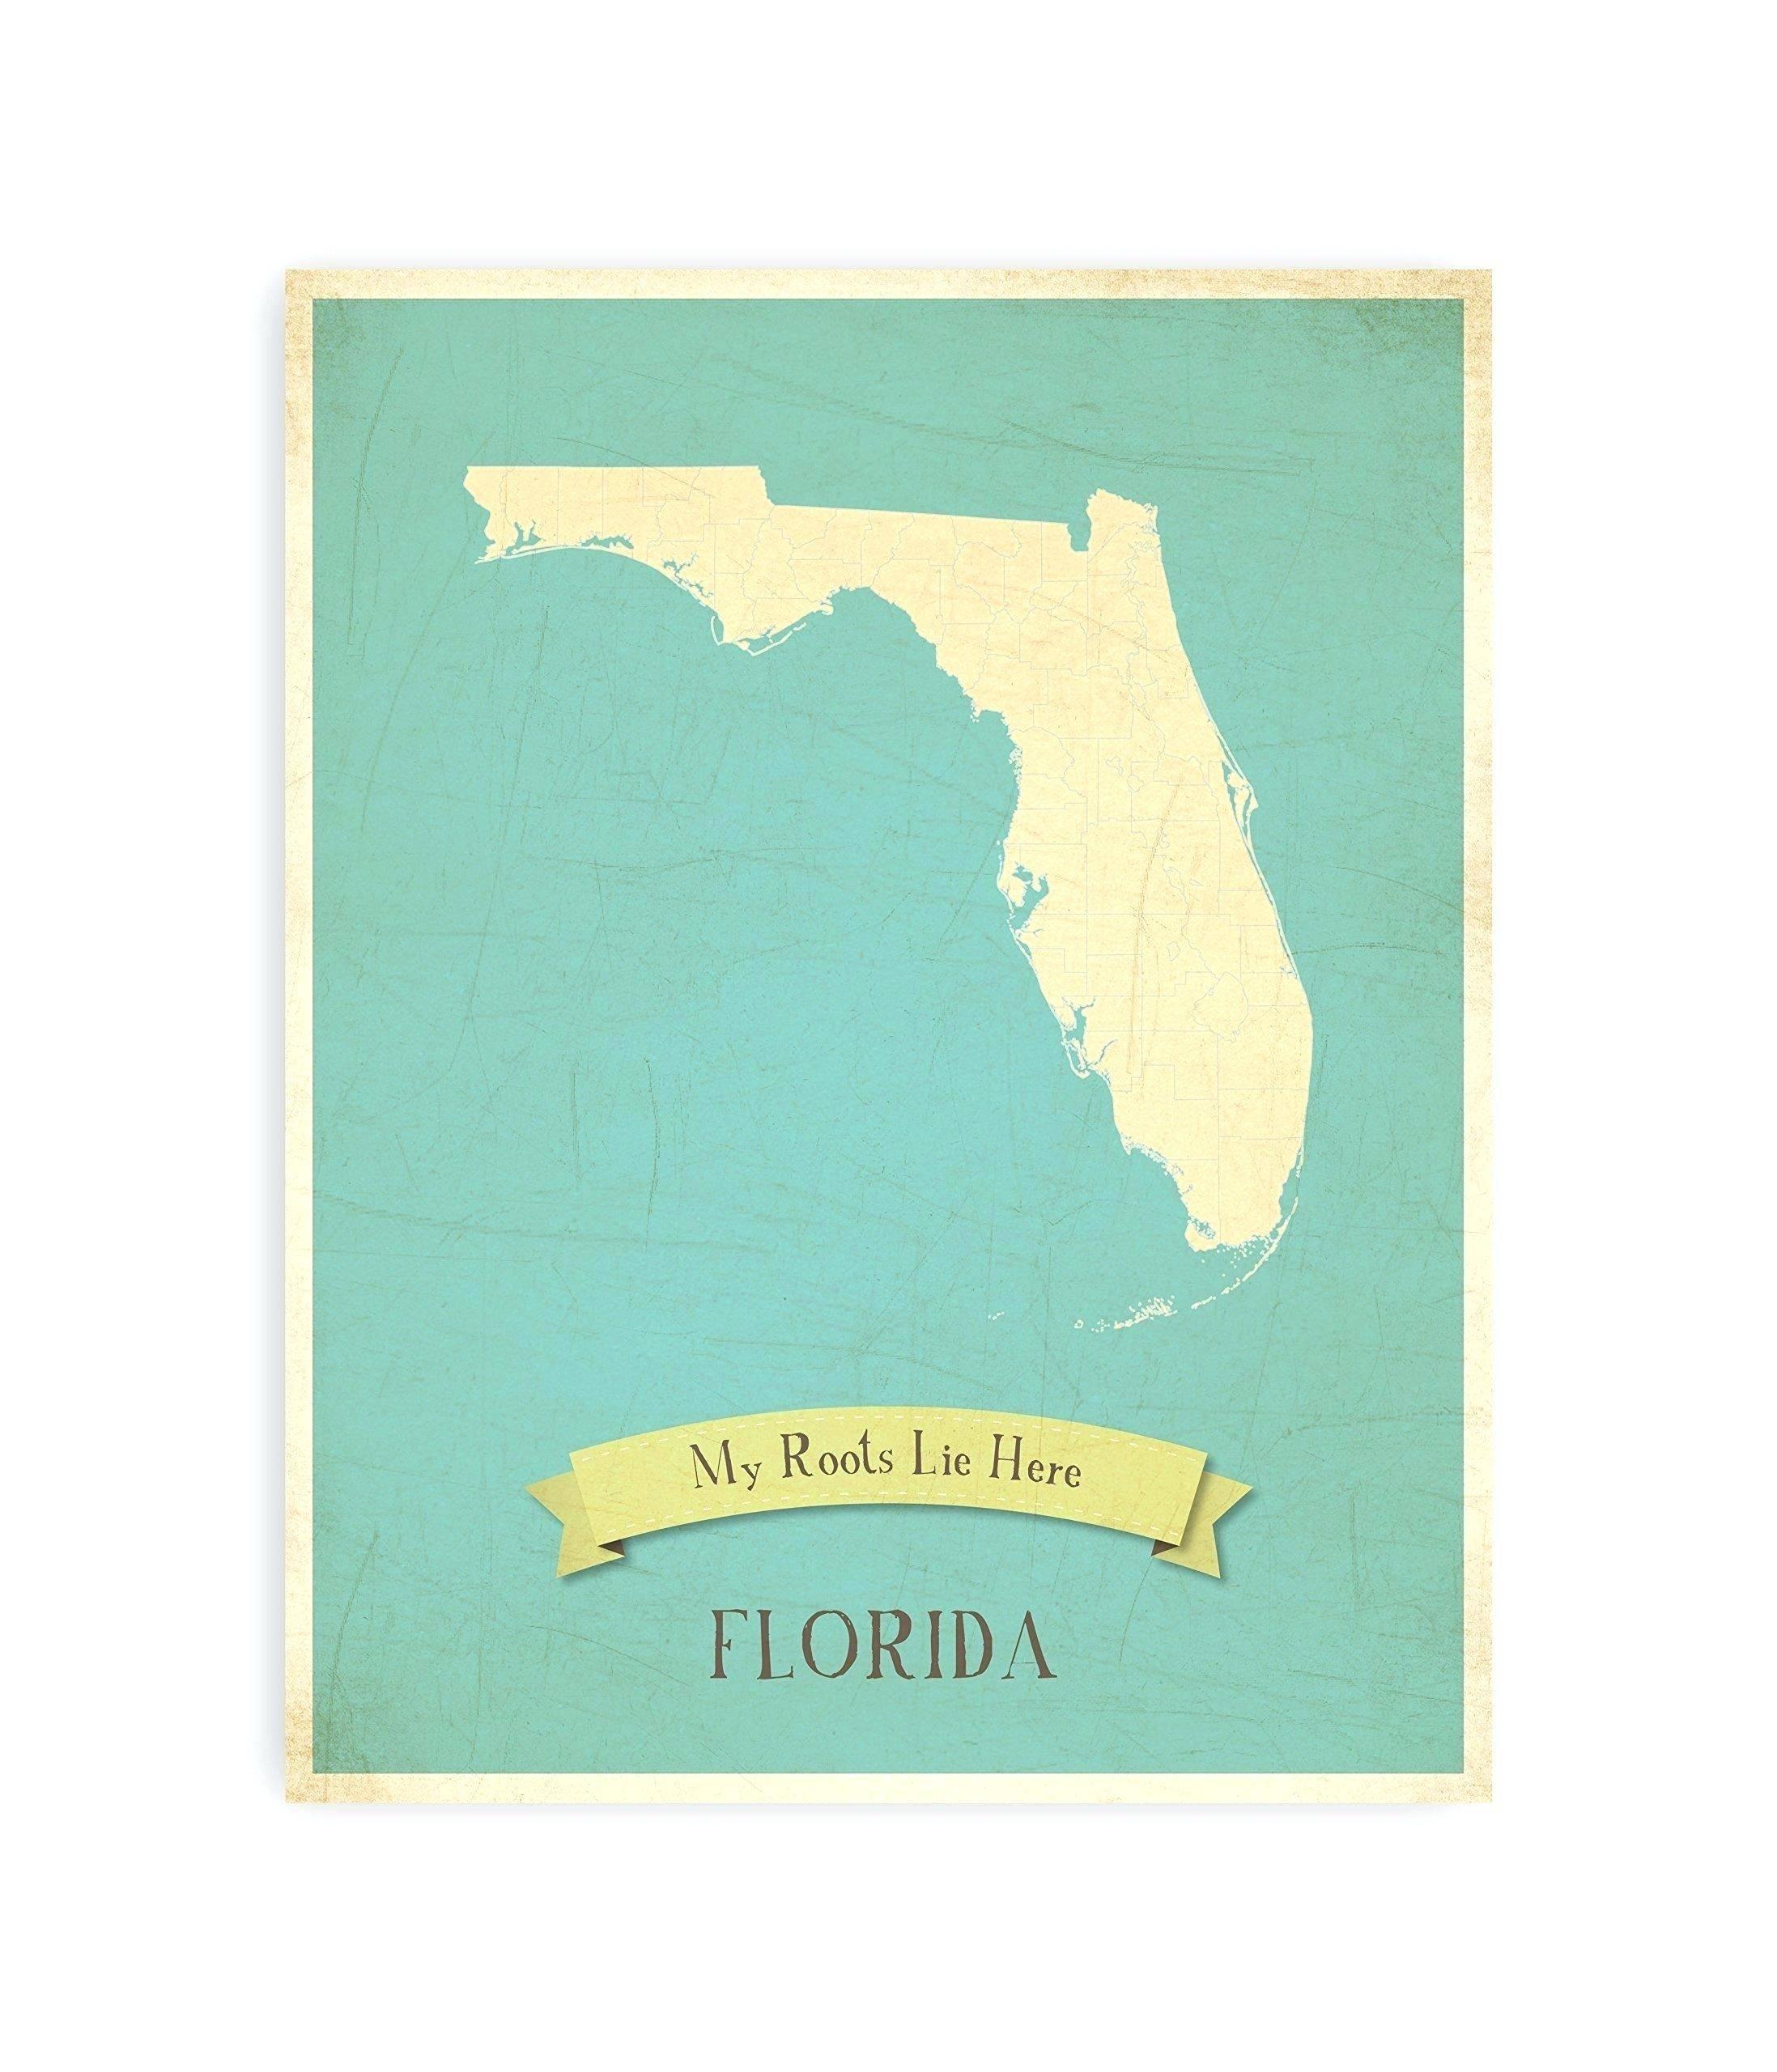 Marvelous Ideas Florida Wall Art Map Etsy – Wall Art Ideas For Current Florida Map Wall Art (View 9 of 20)